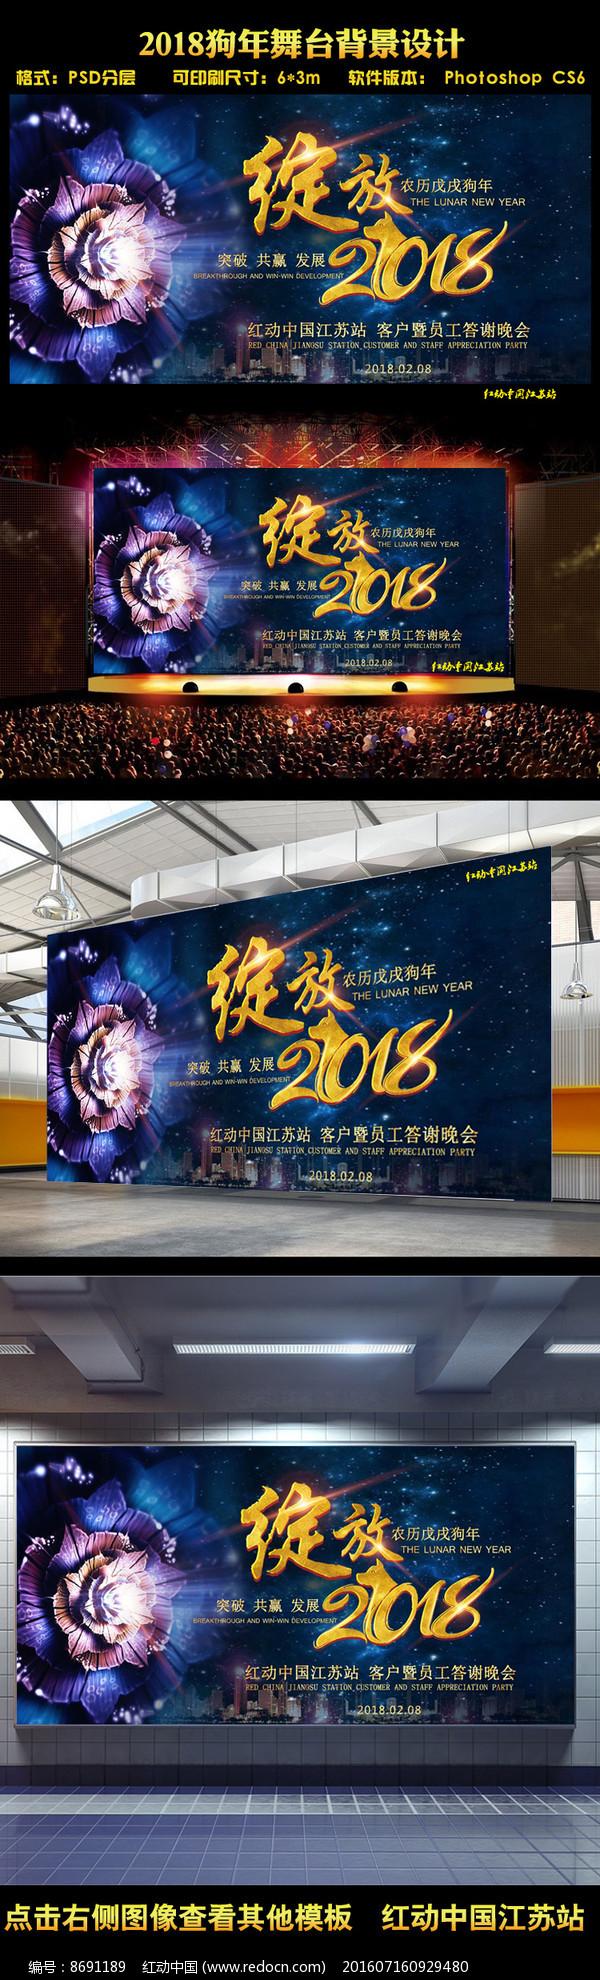 绽放2018炫彩企业年会背景图片